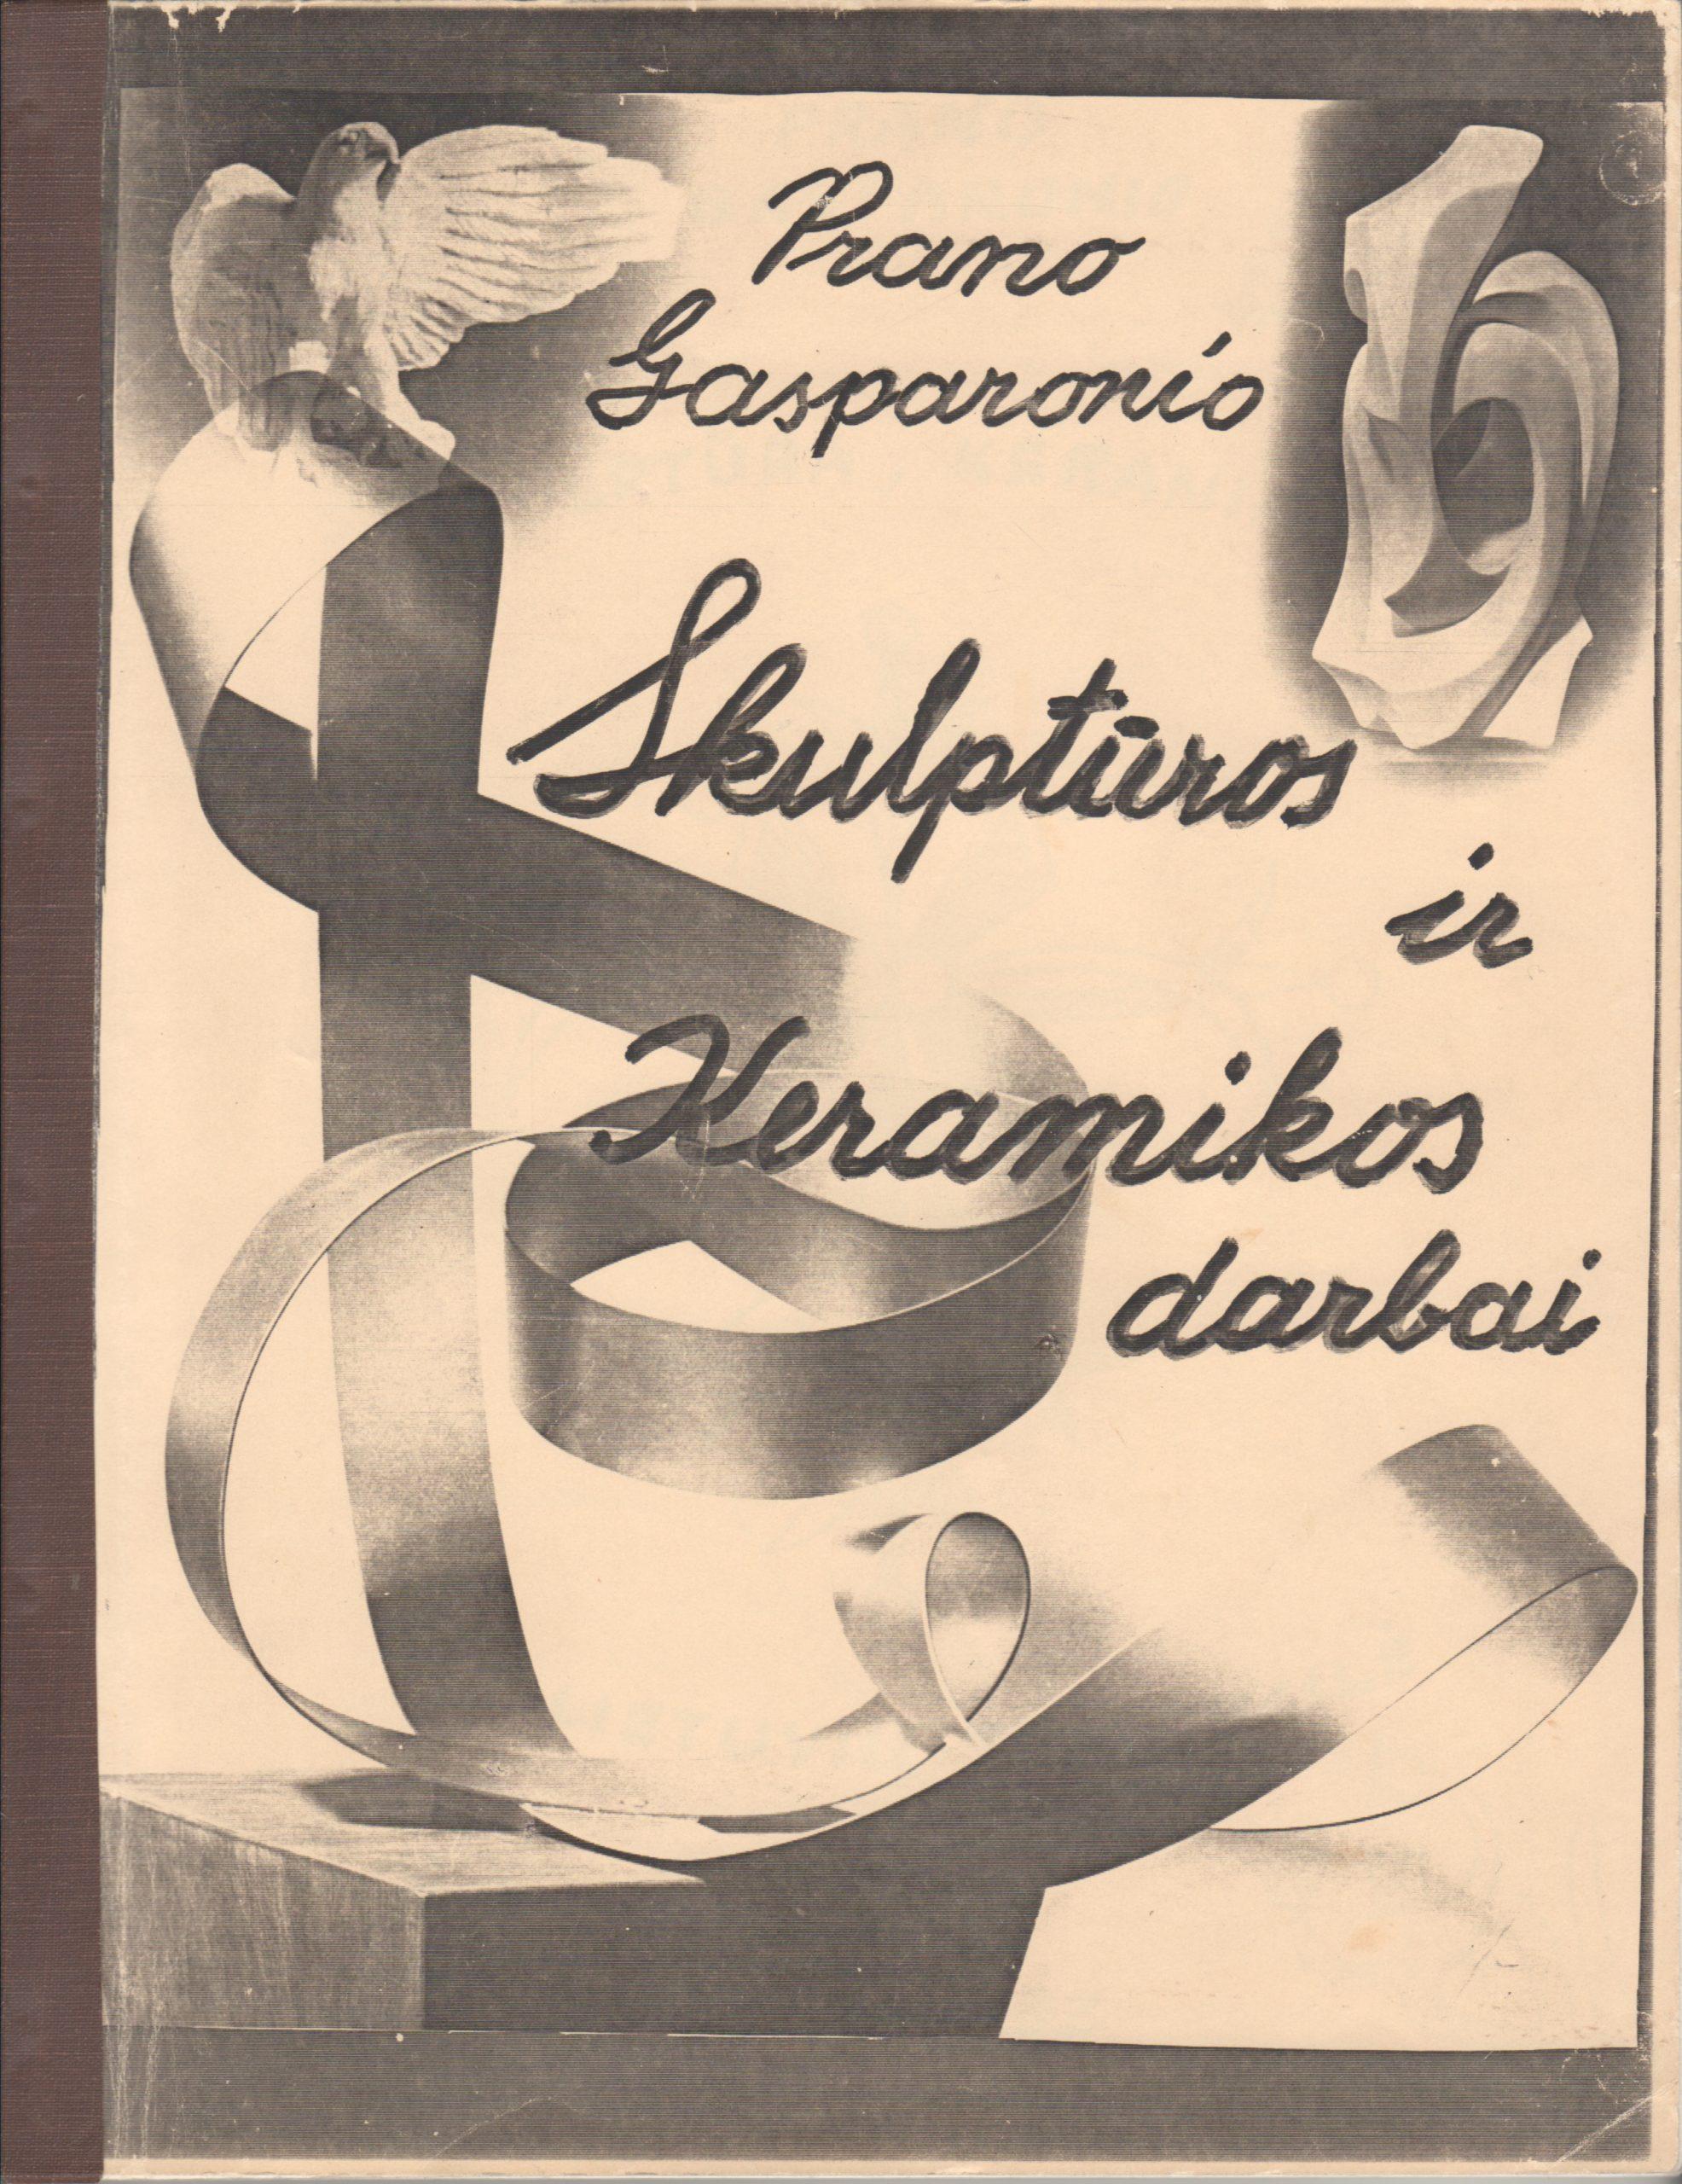 P. Gasparonio darbų katalogas. 1933–1992 m.